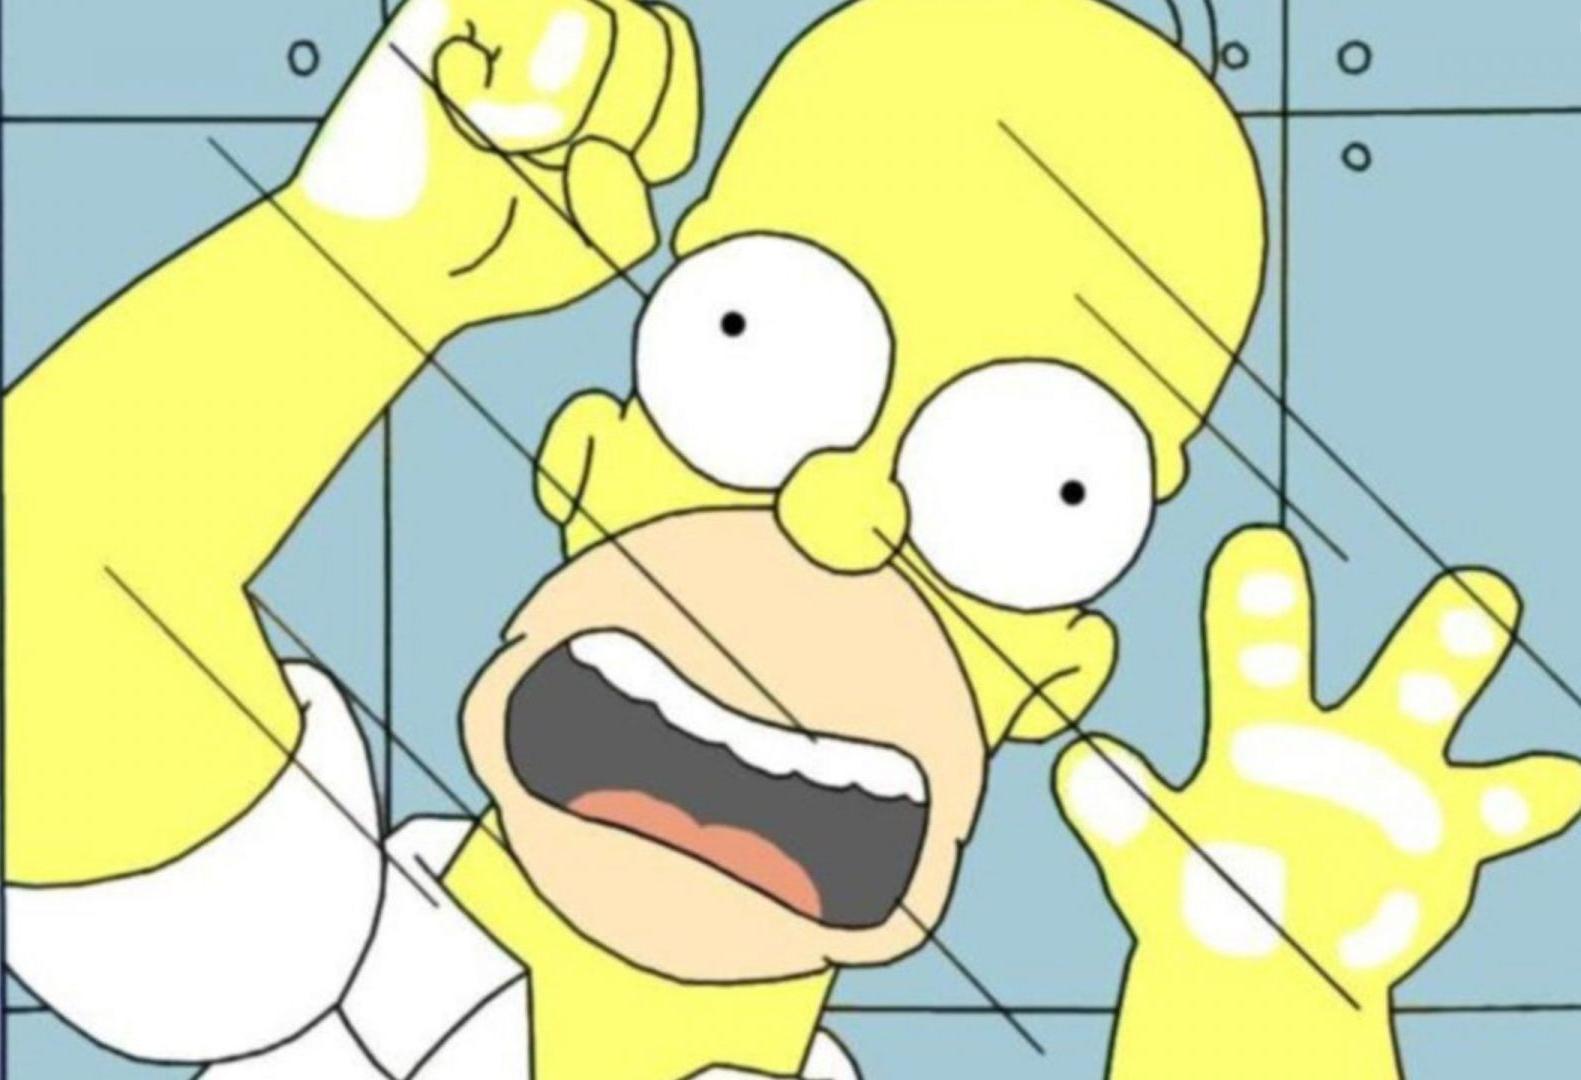 Saiba porque os desenhos tem só quatro dedos